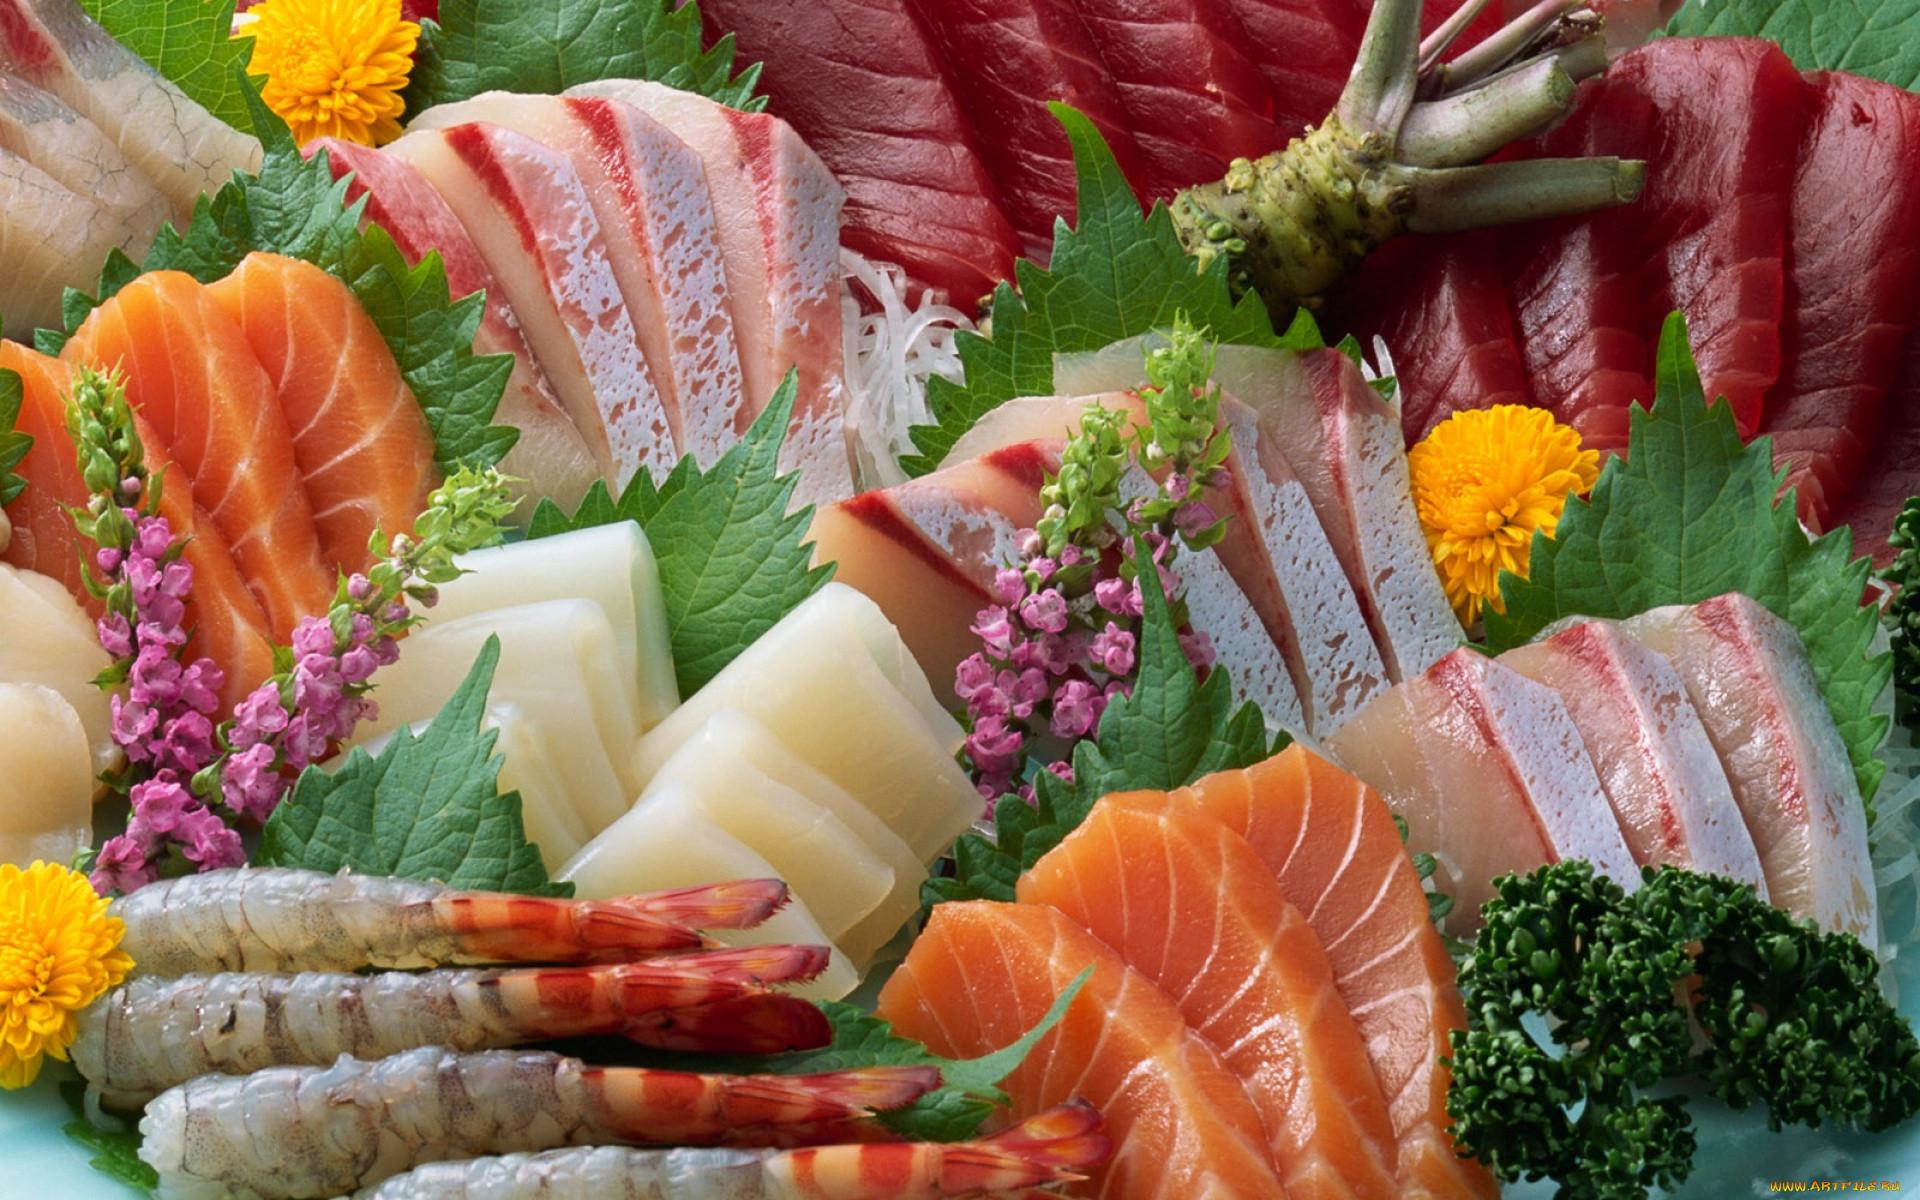 рисунки надписи фото рыбных деликатесов журнала